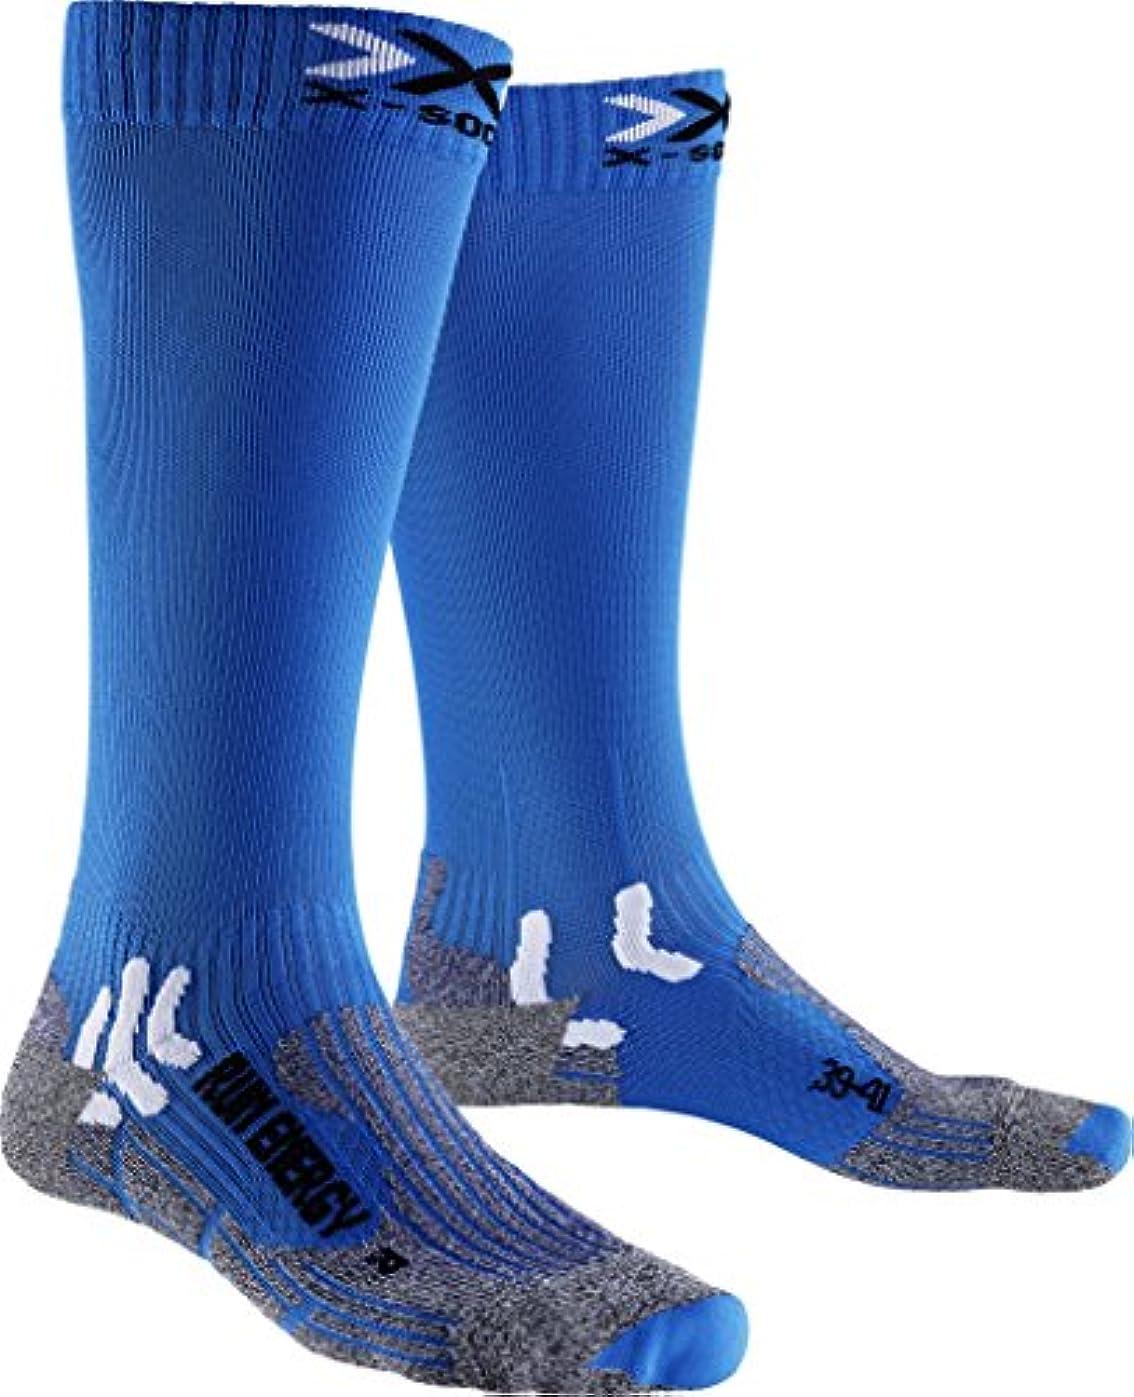 けがをする見積りびっくりしたメンズとレディース1ペアx-socks実行Energiser圧縮ソックス